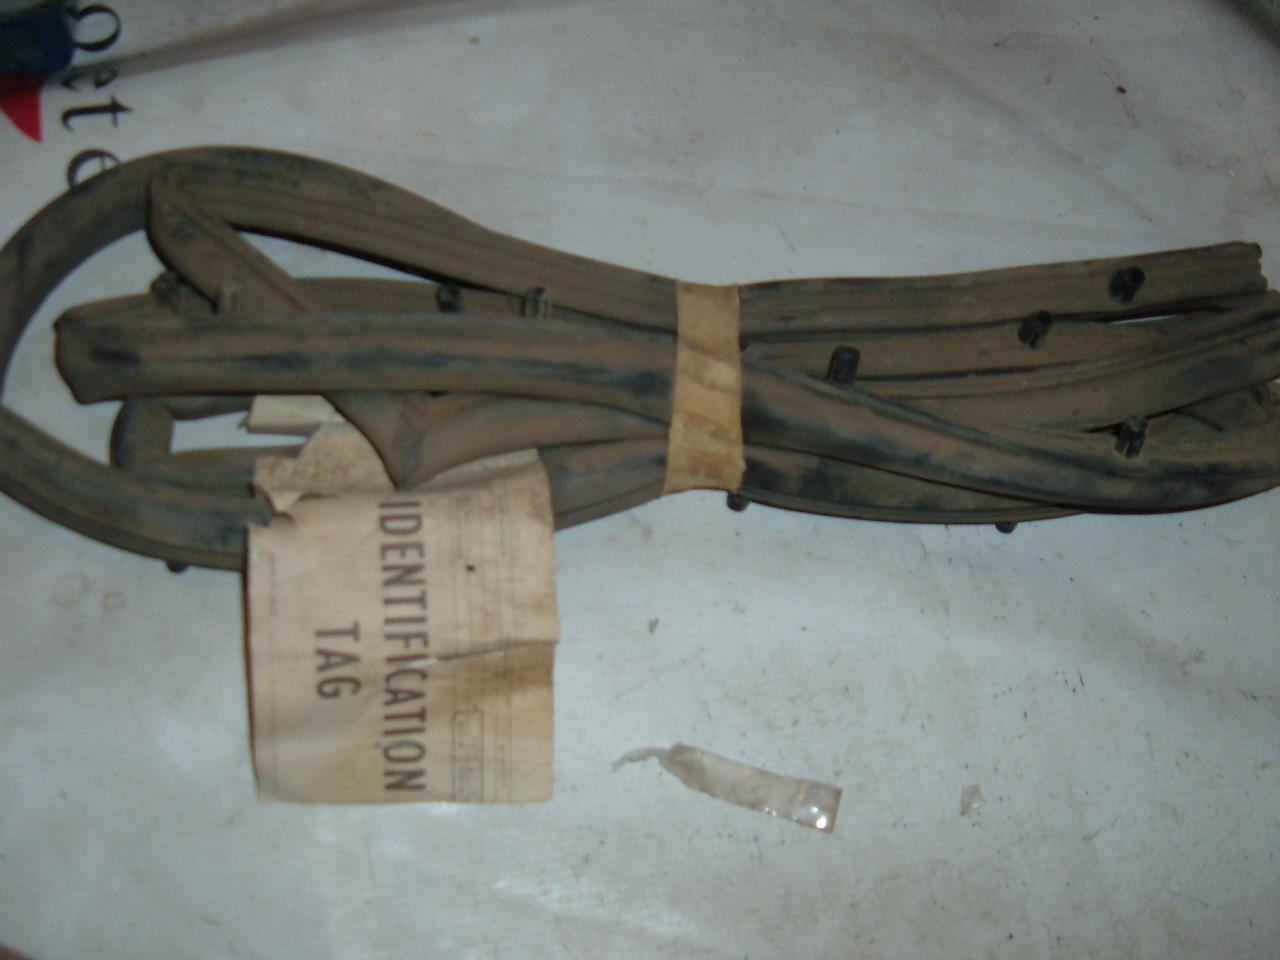 1970 rambler hornet door weatherstrip nos 3631832 (z 3631832)